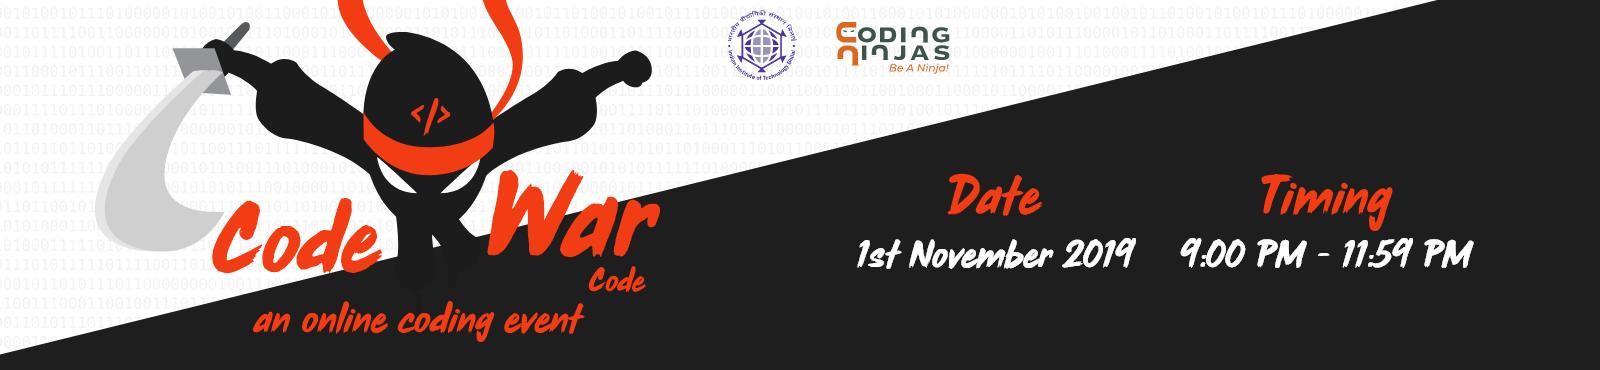 Code War Code - An Online Coding Event